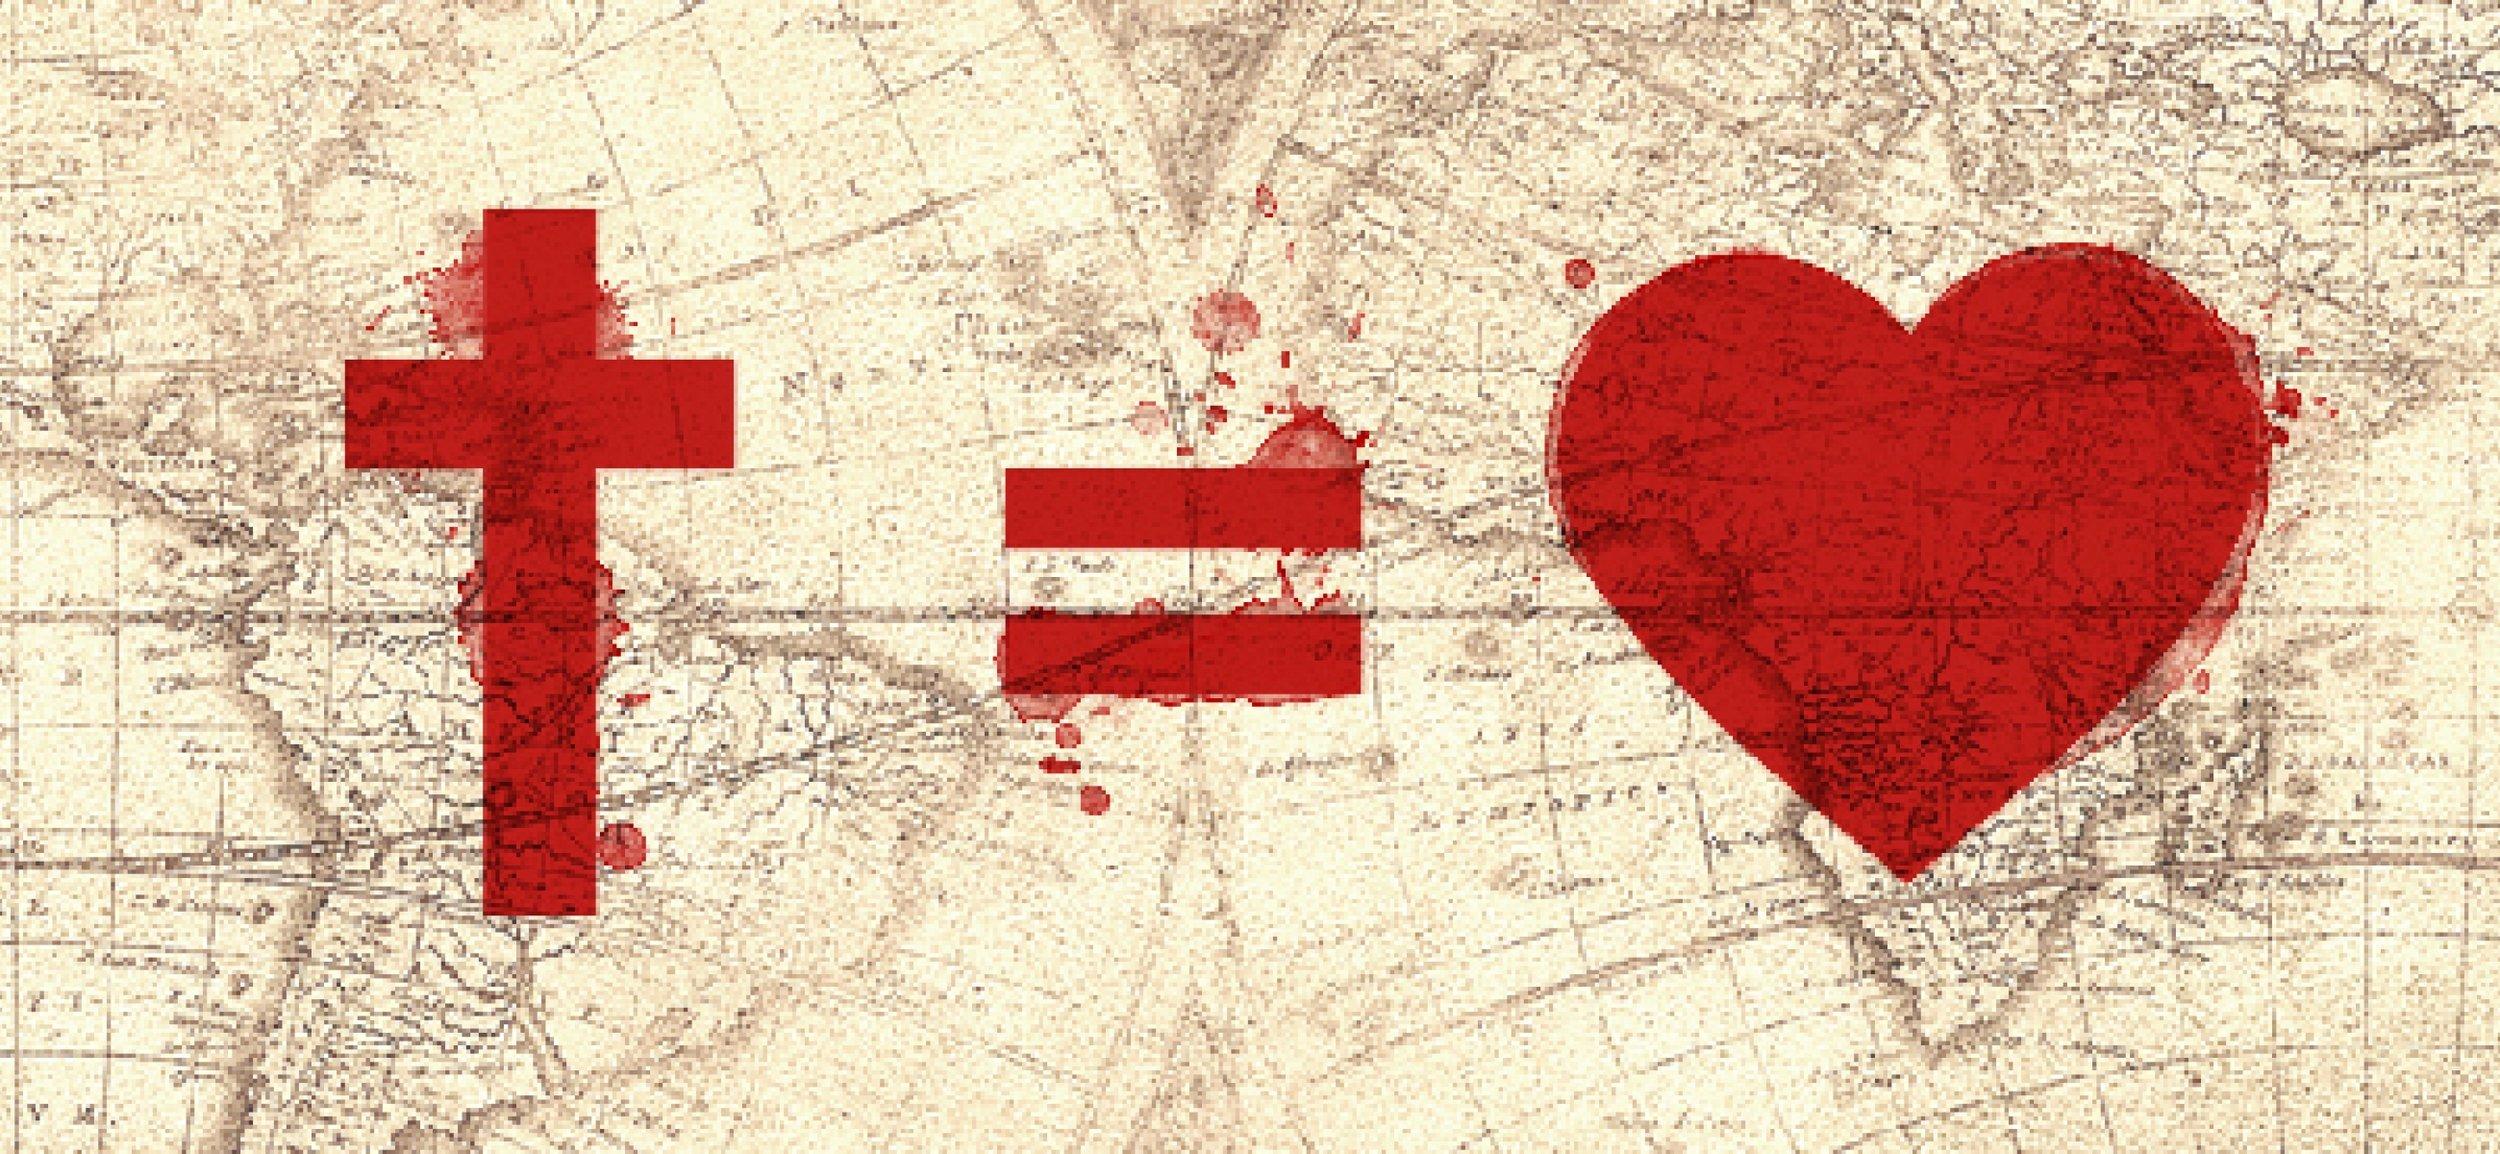 Cross-is-love.jpg